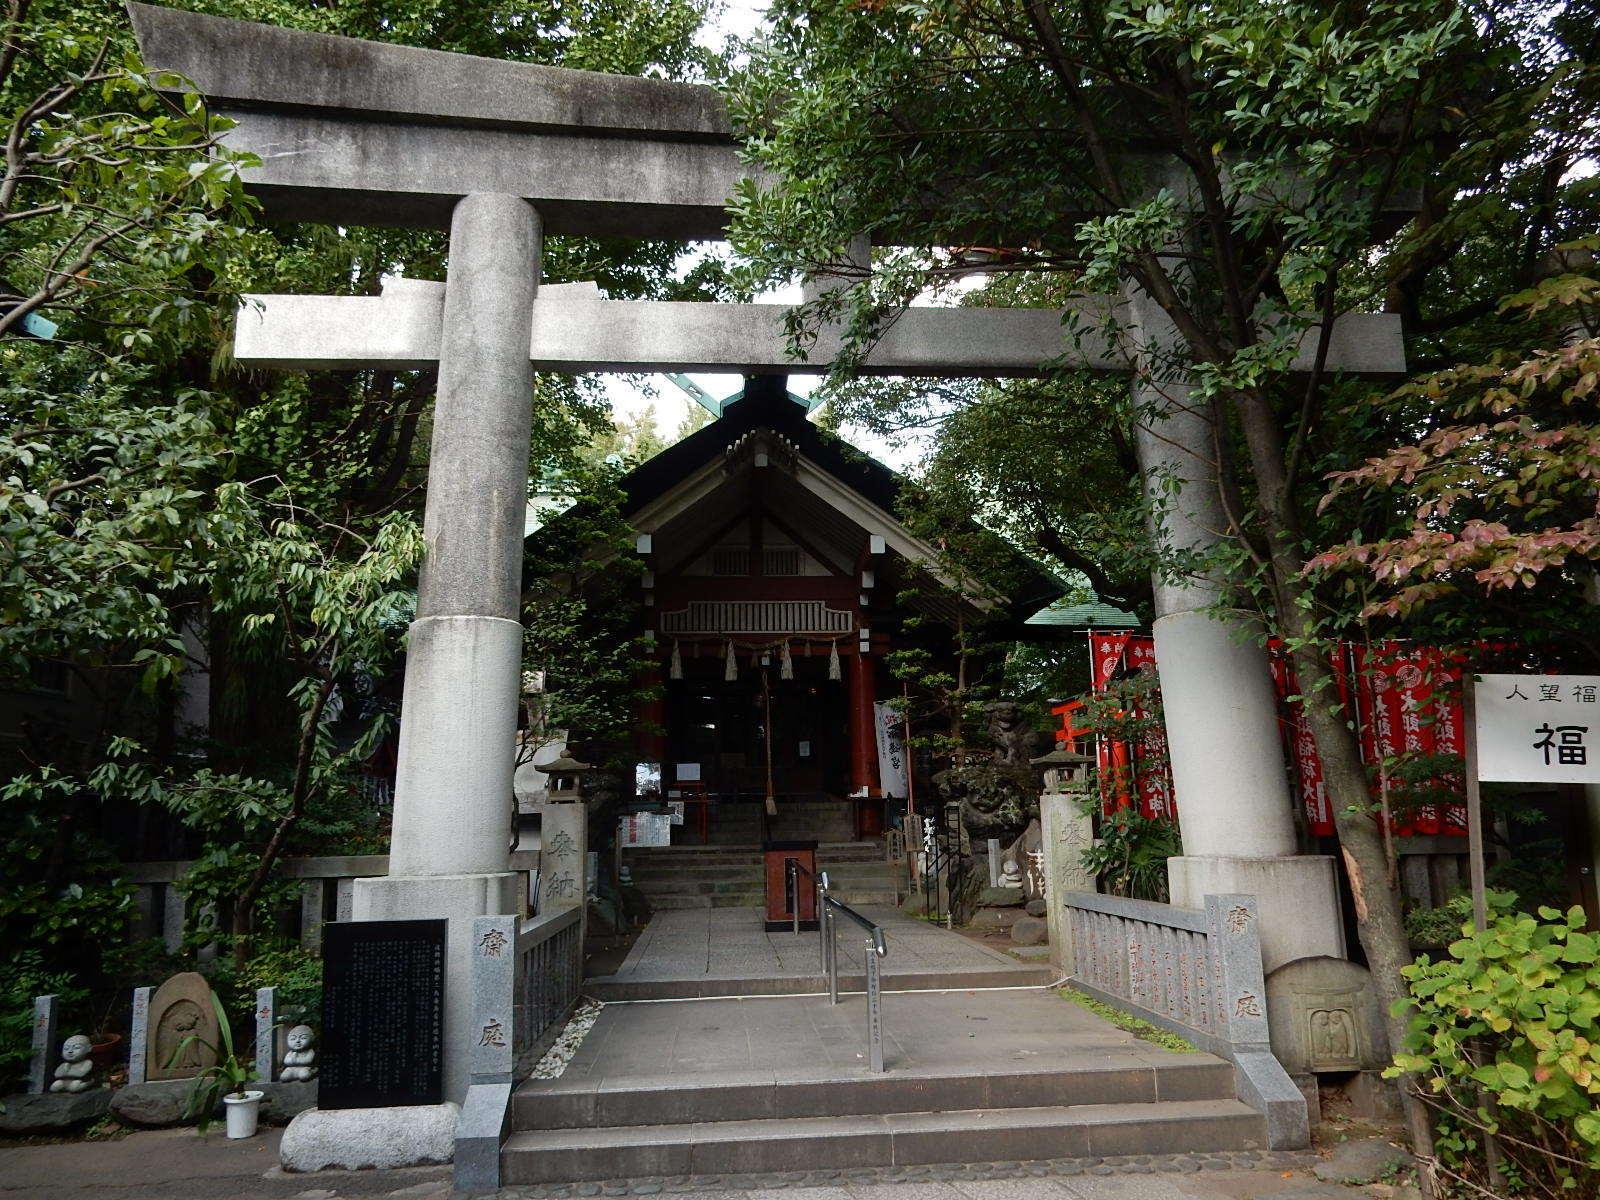 天祖神社の内側の鳥居と本殿